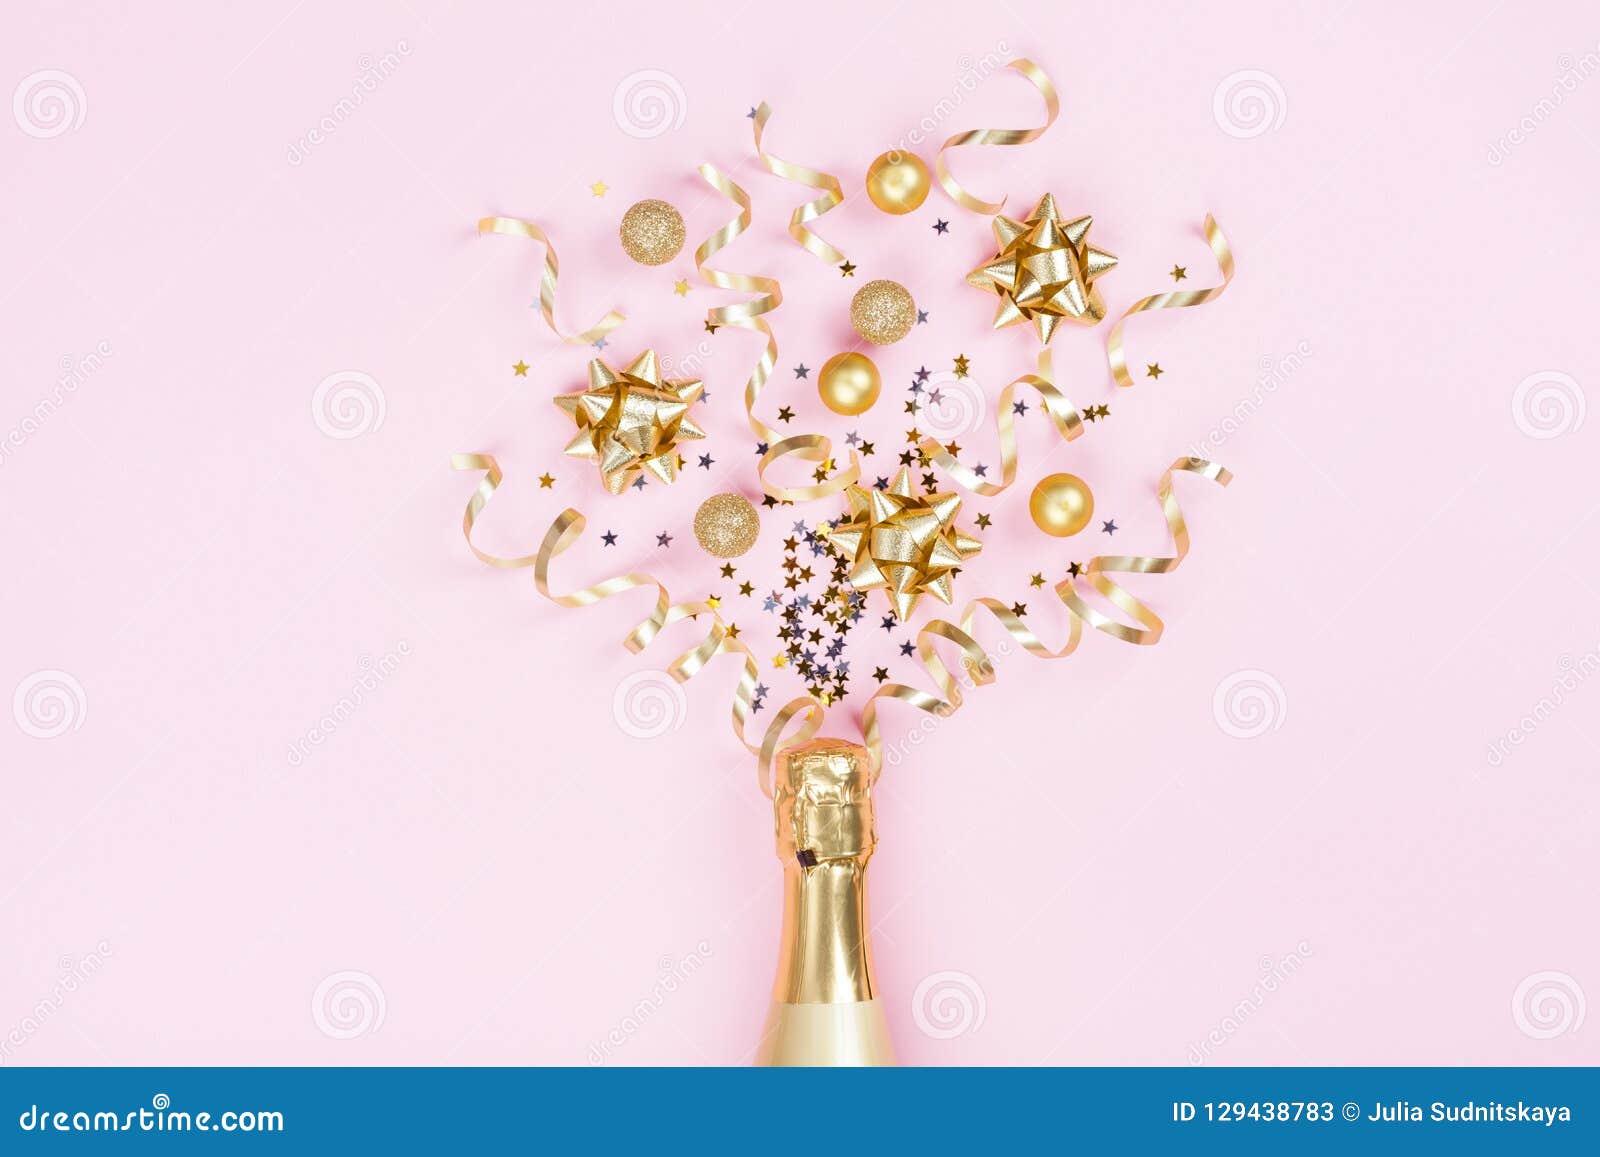 Szampańska butelka z boże narodzenie dekoracją od confetti gwiazd, złotych piłek i partyjnych streamers na różowym tle, Mieszkani